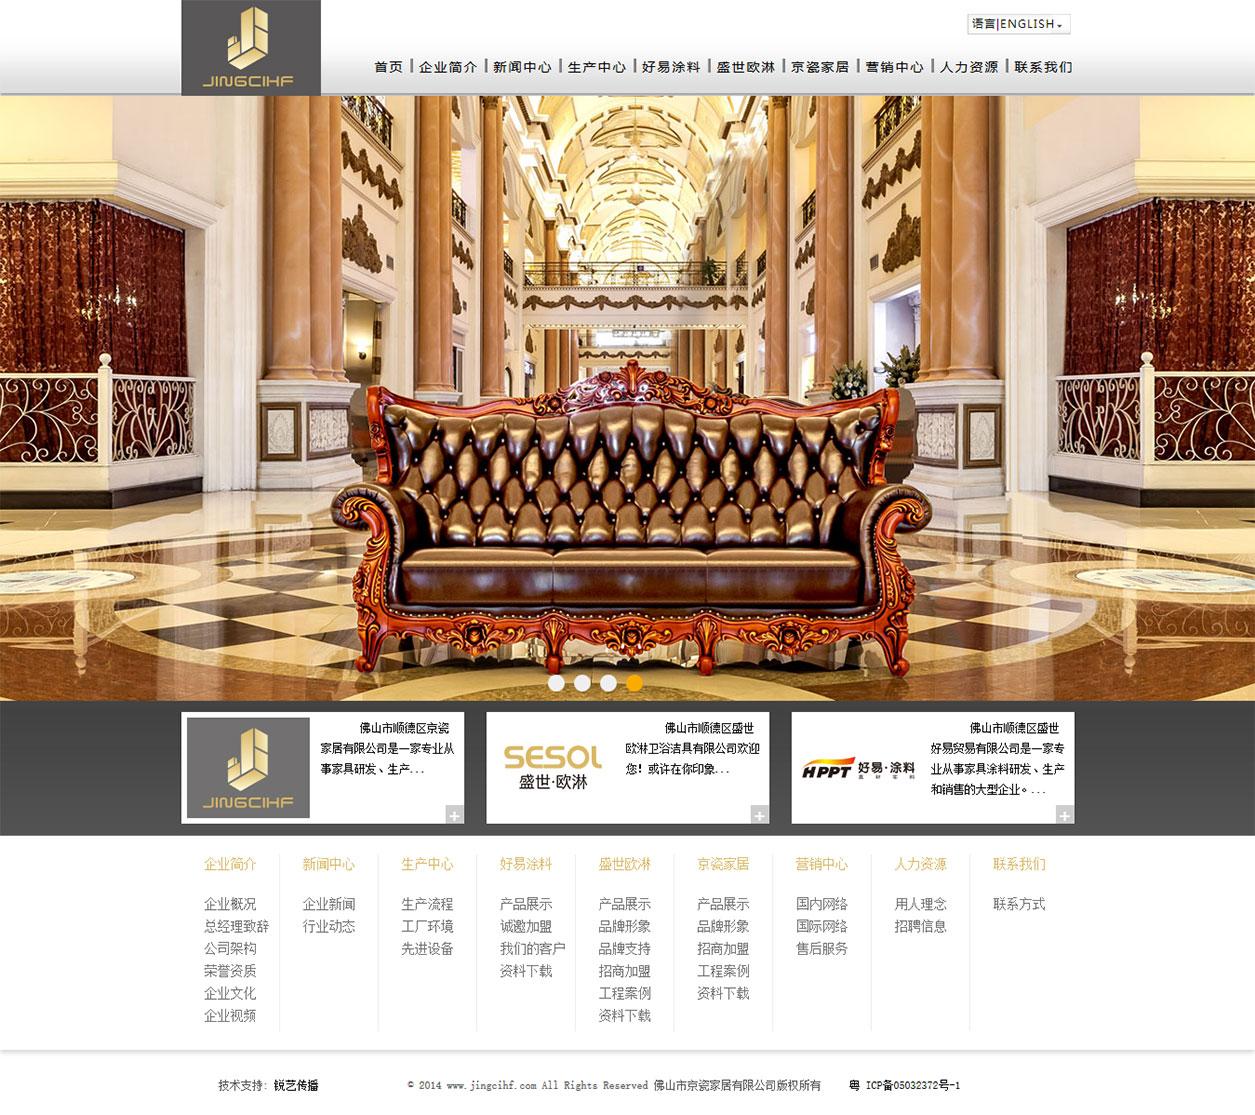 京瓷家居集团网站建设案例